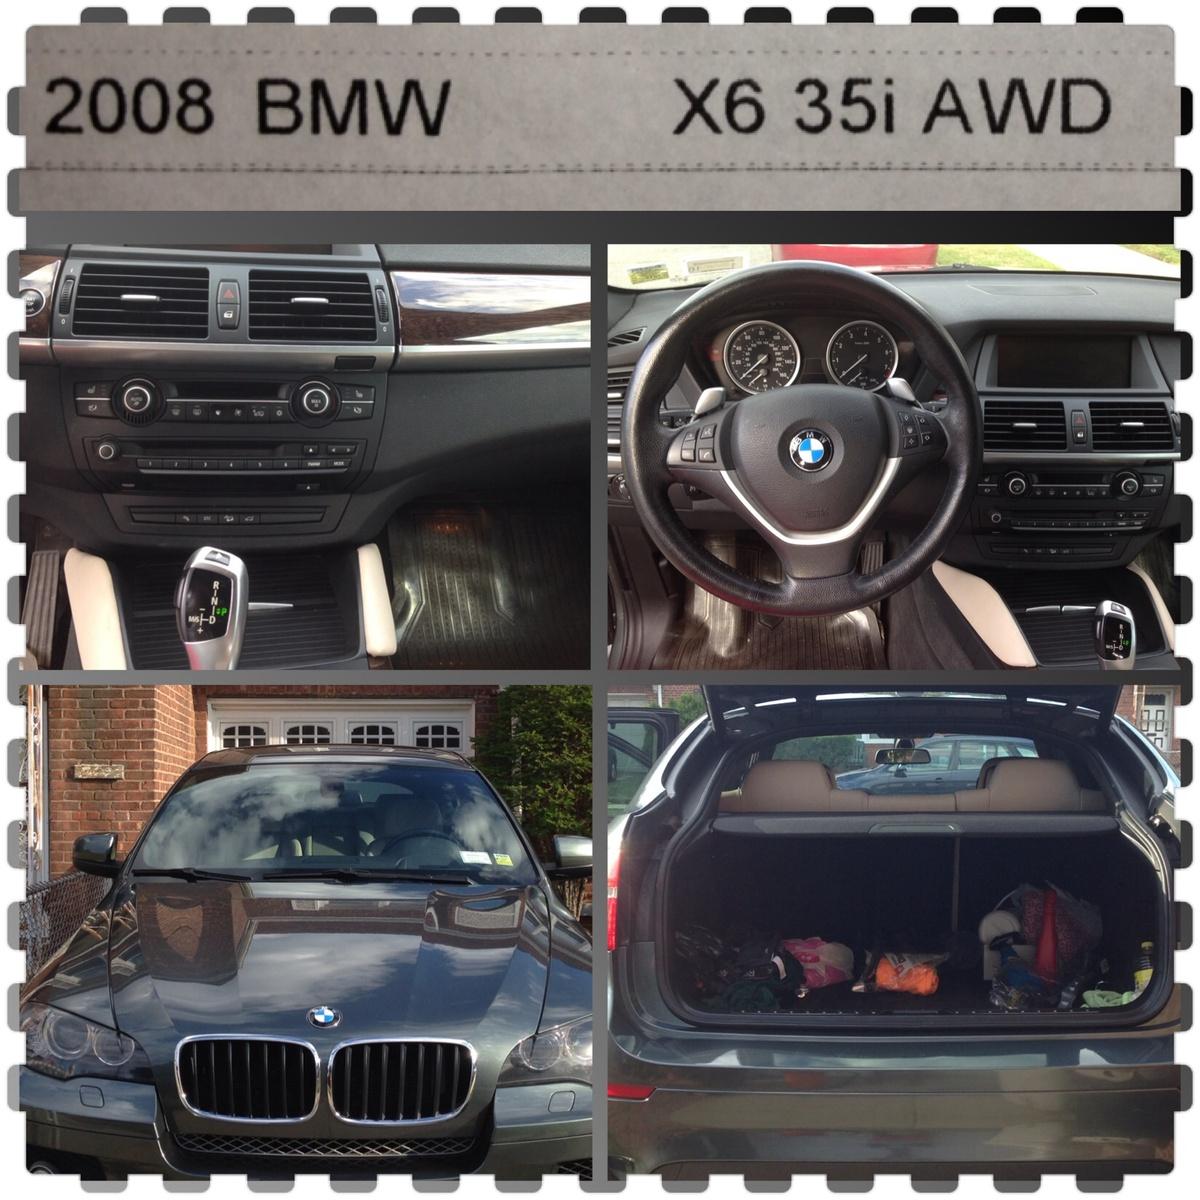 Bmw X6 Xdrive50i Review: 2008 BMW X6